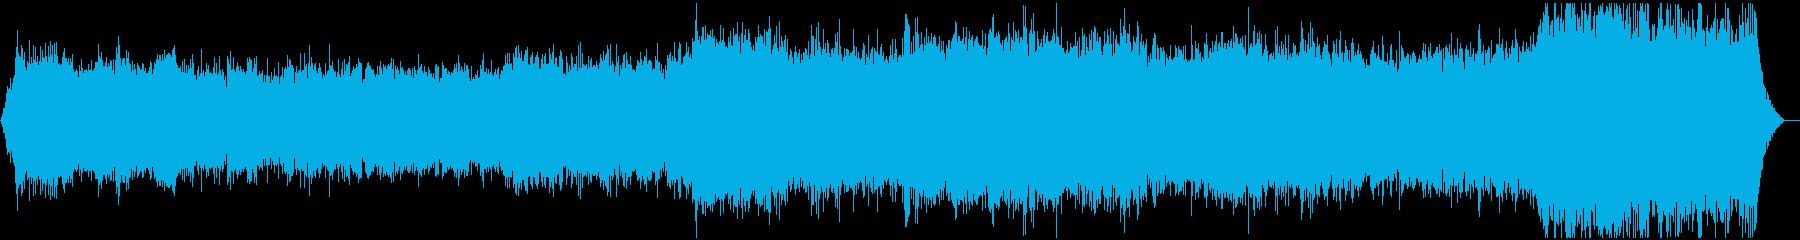 重低音が響くダークアンビエントです。の再生済みの波形